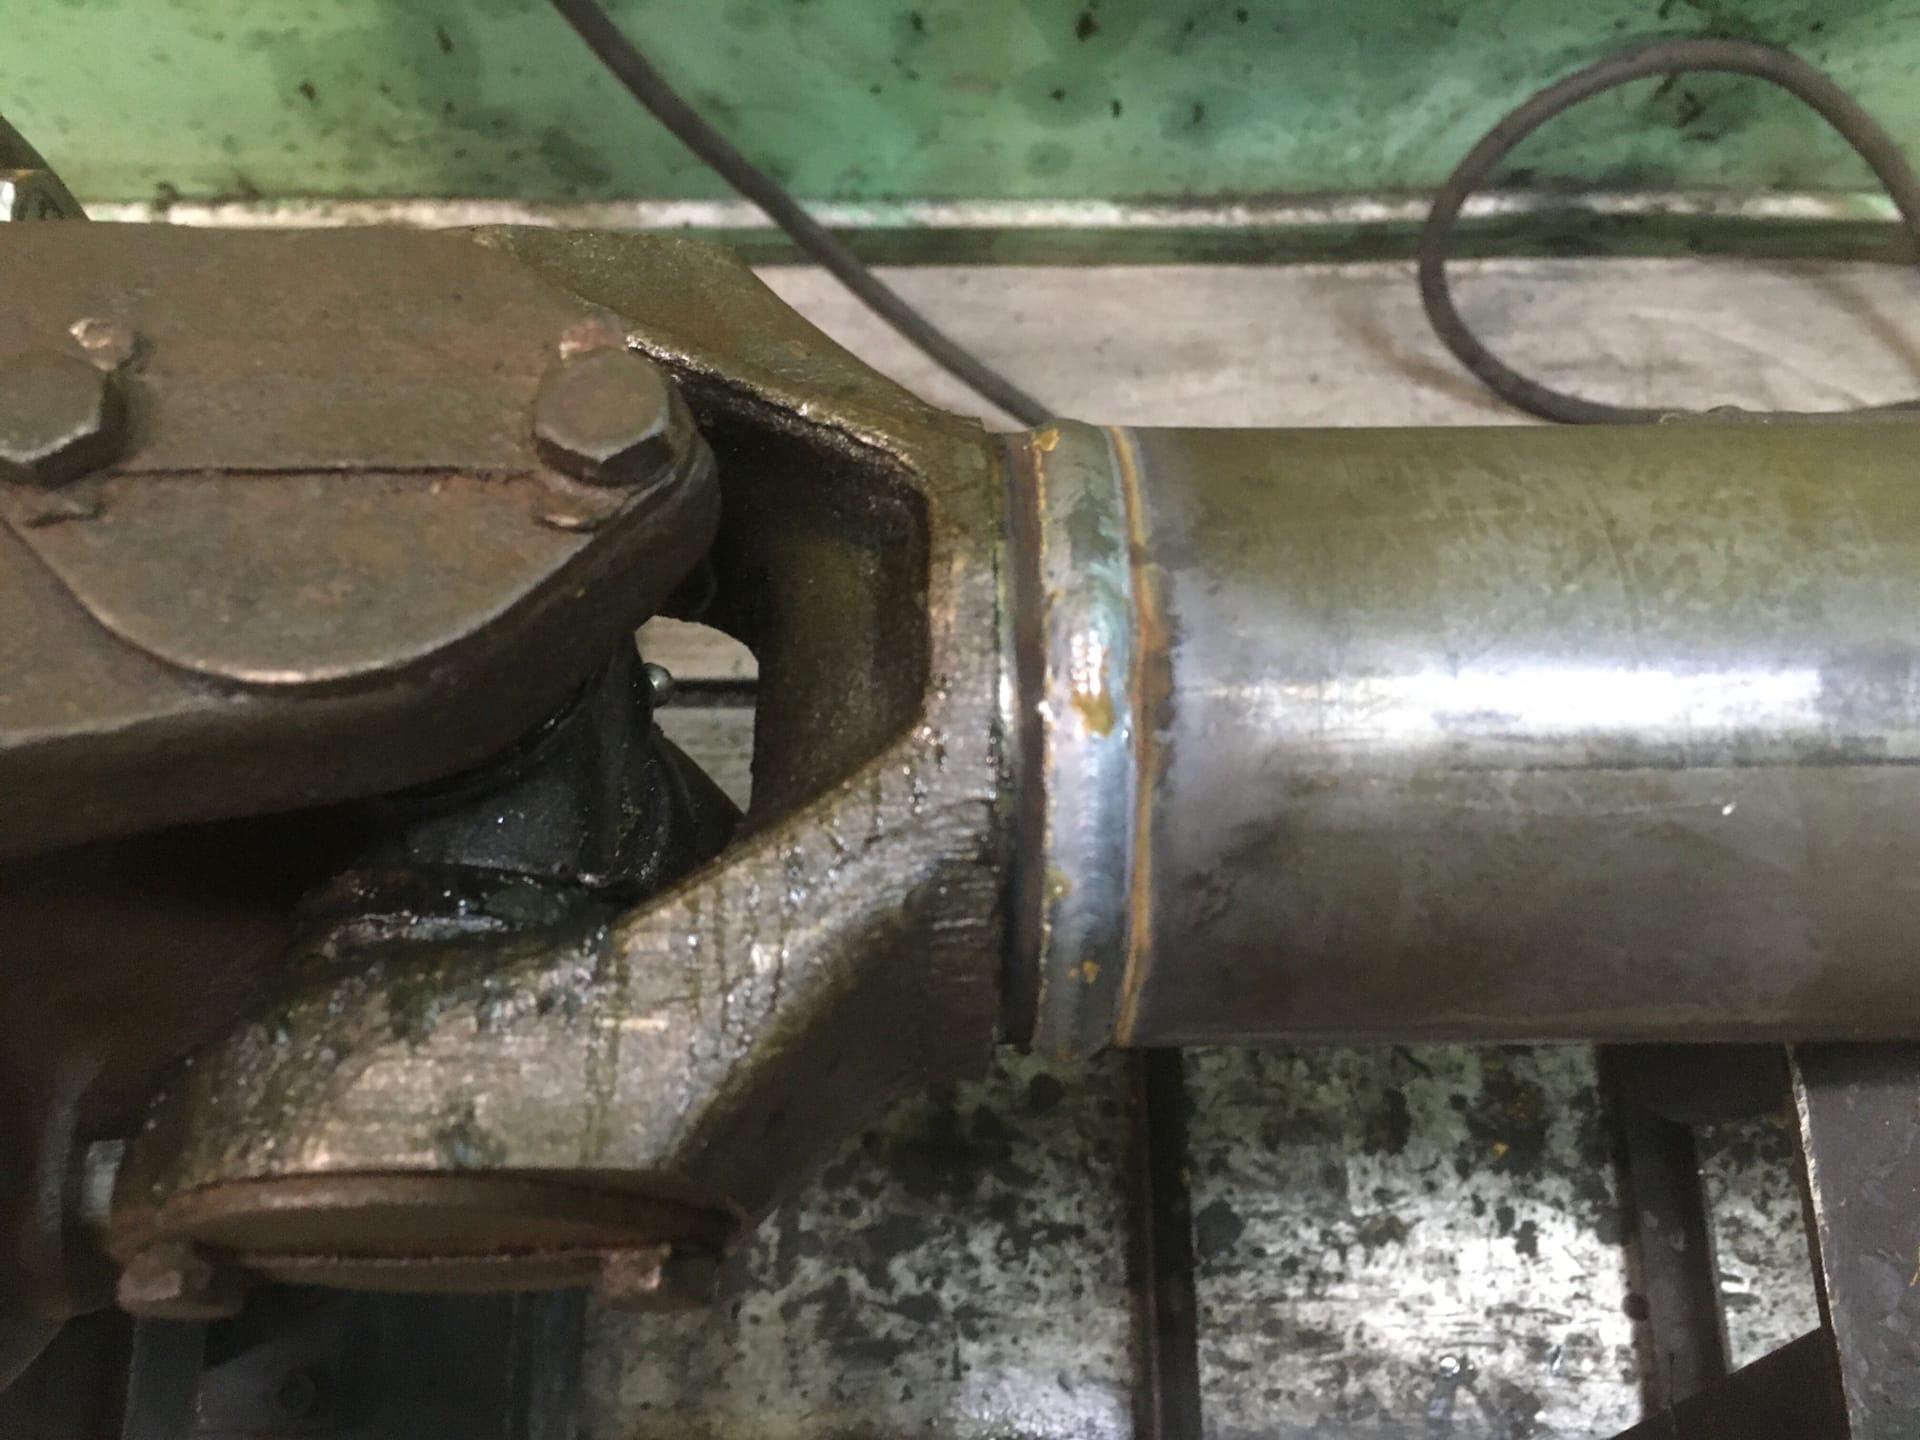 Ремонт 2-х опорного карданного вала буксирно-моторного катера БМК-130